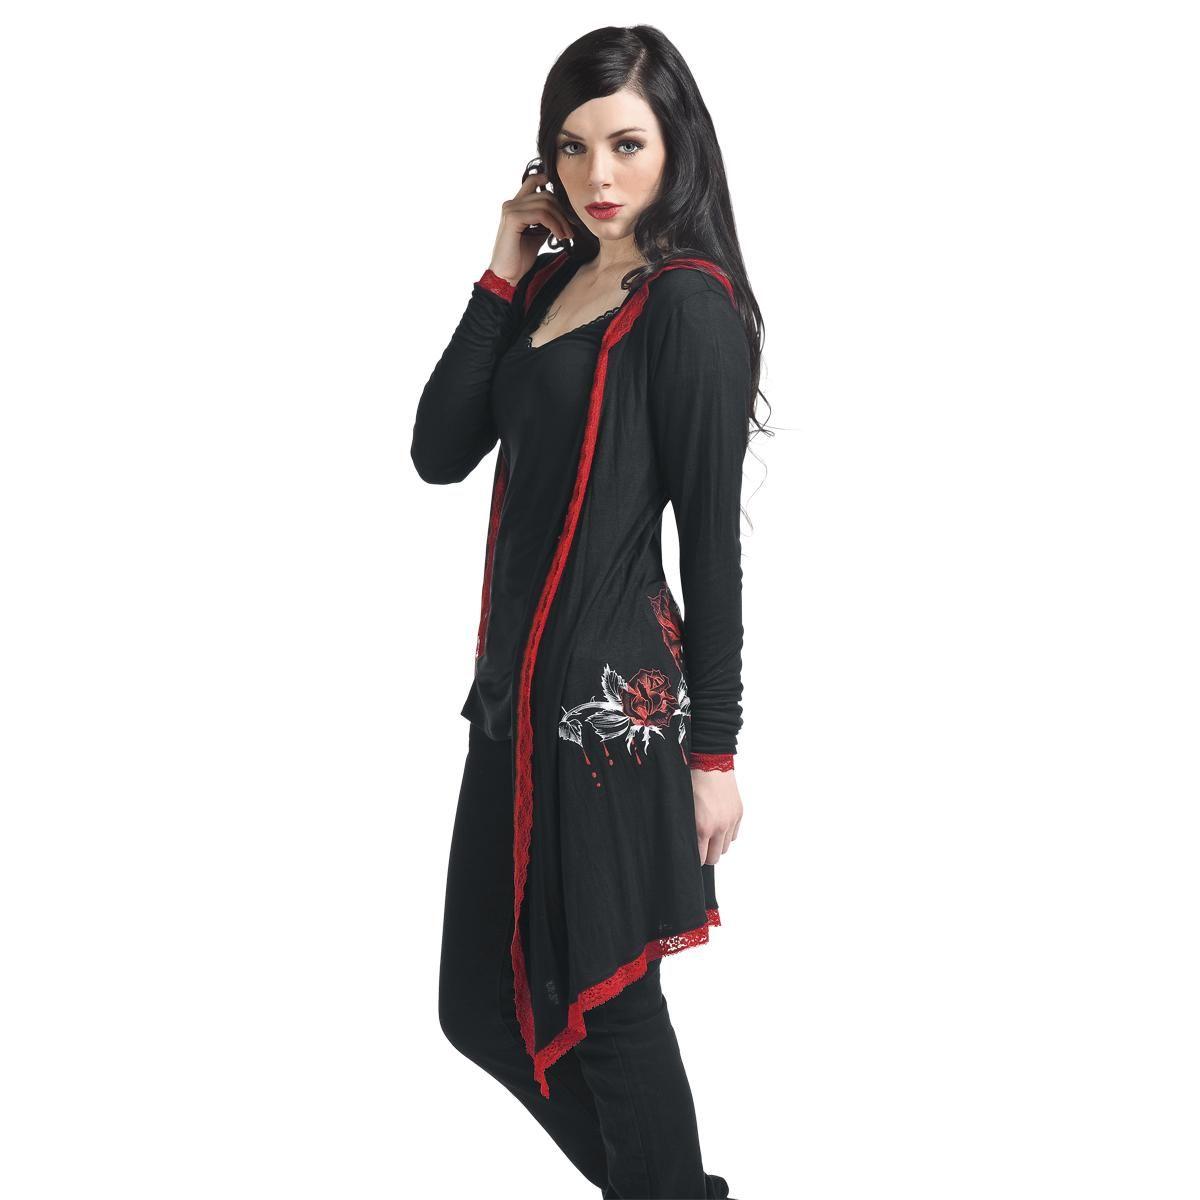 Girlie cardigan - Girlie cardigan af Floral Overlay Hood - Artikelnr.: 216547 - fra 199,95 kr - EMP Danmark ::: Merchandise ::: Streetwear ::: Modetøj